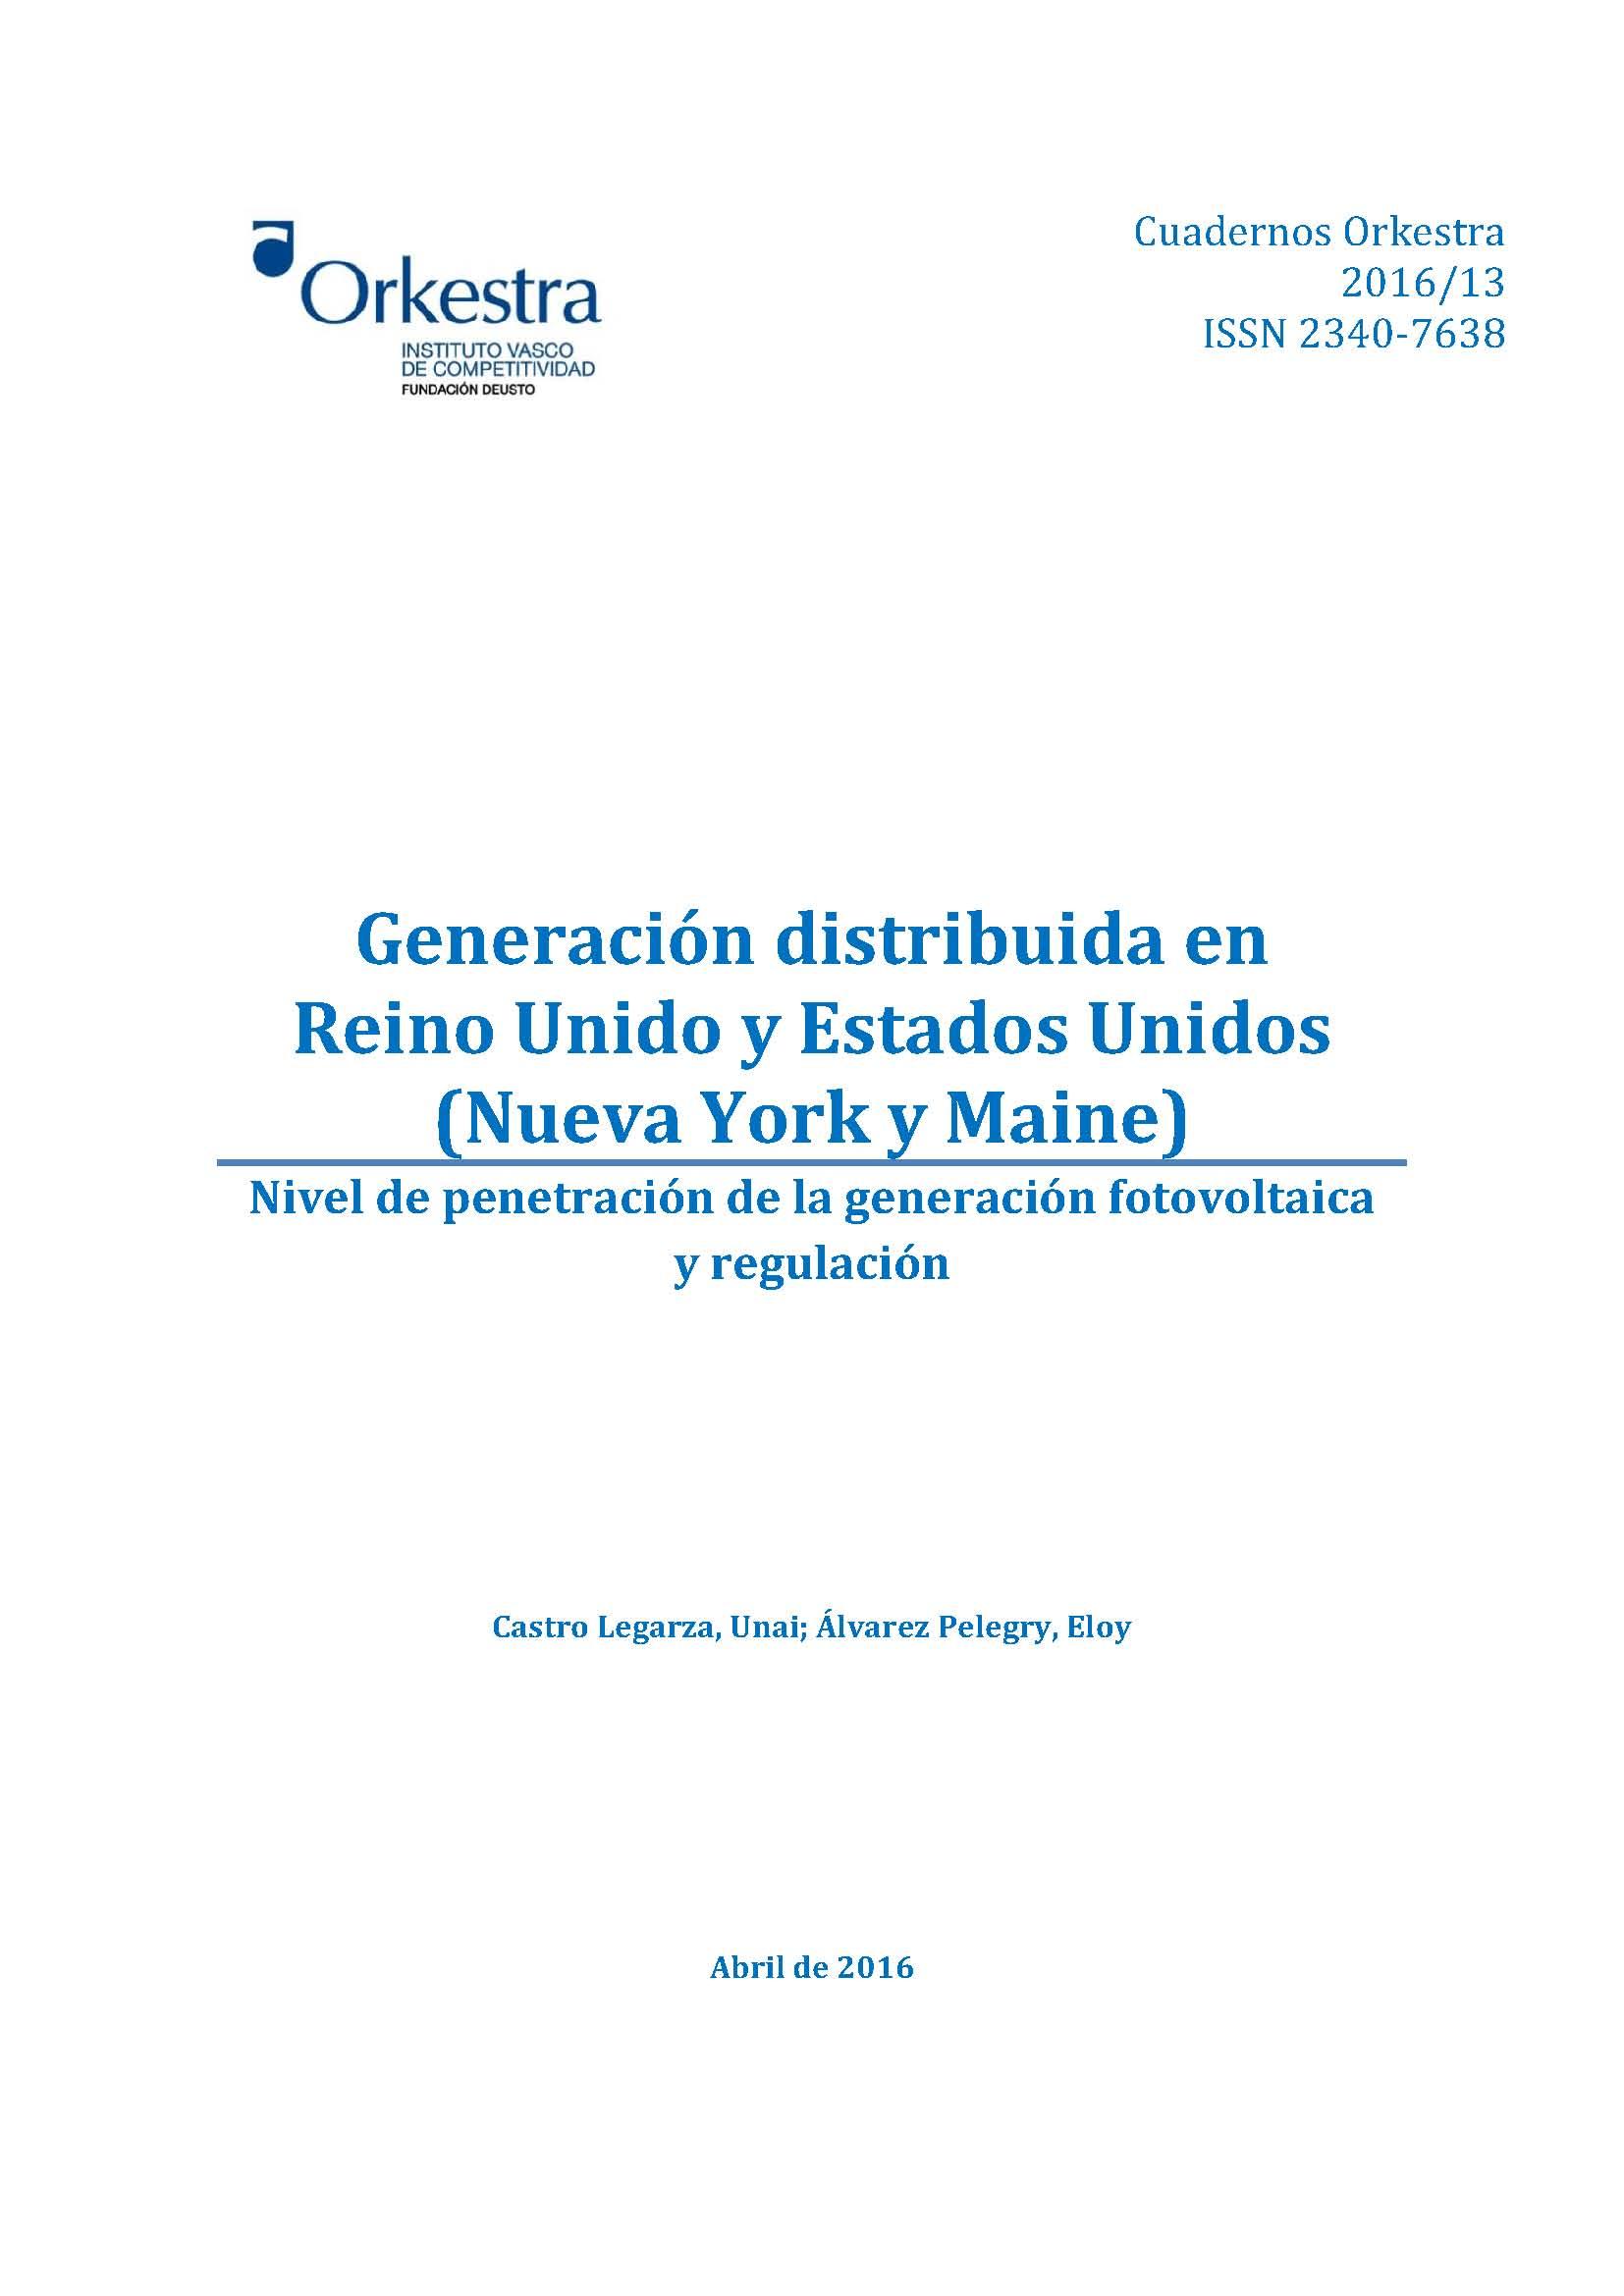 Generación distribuida en Reino Unido y Estados Unidos (Nueva York y ...